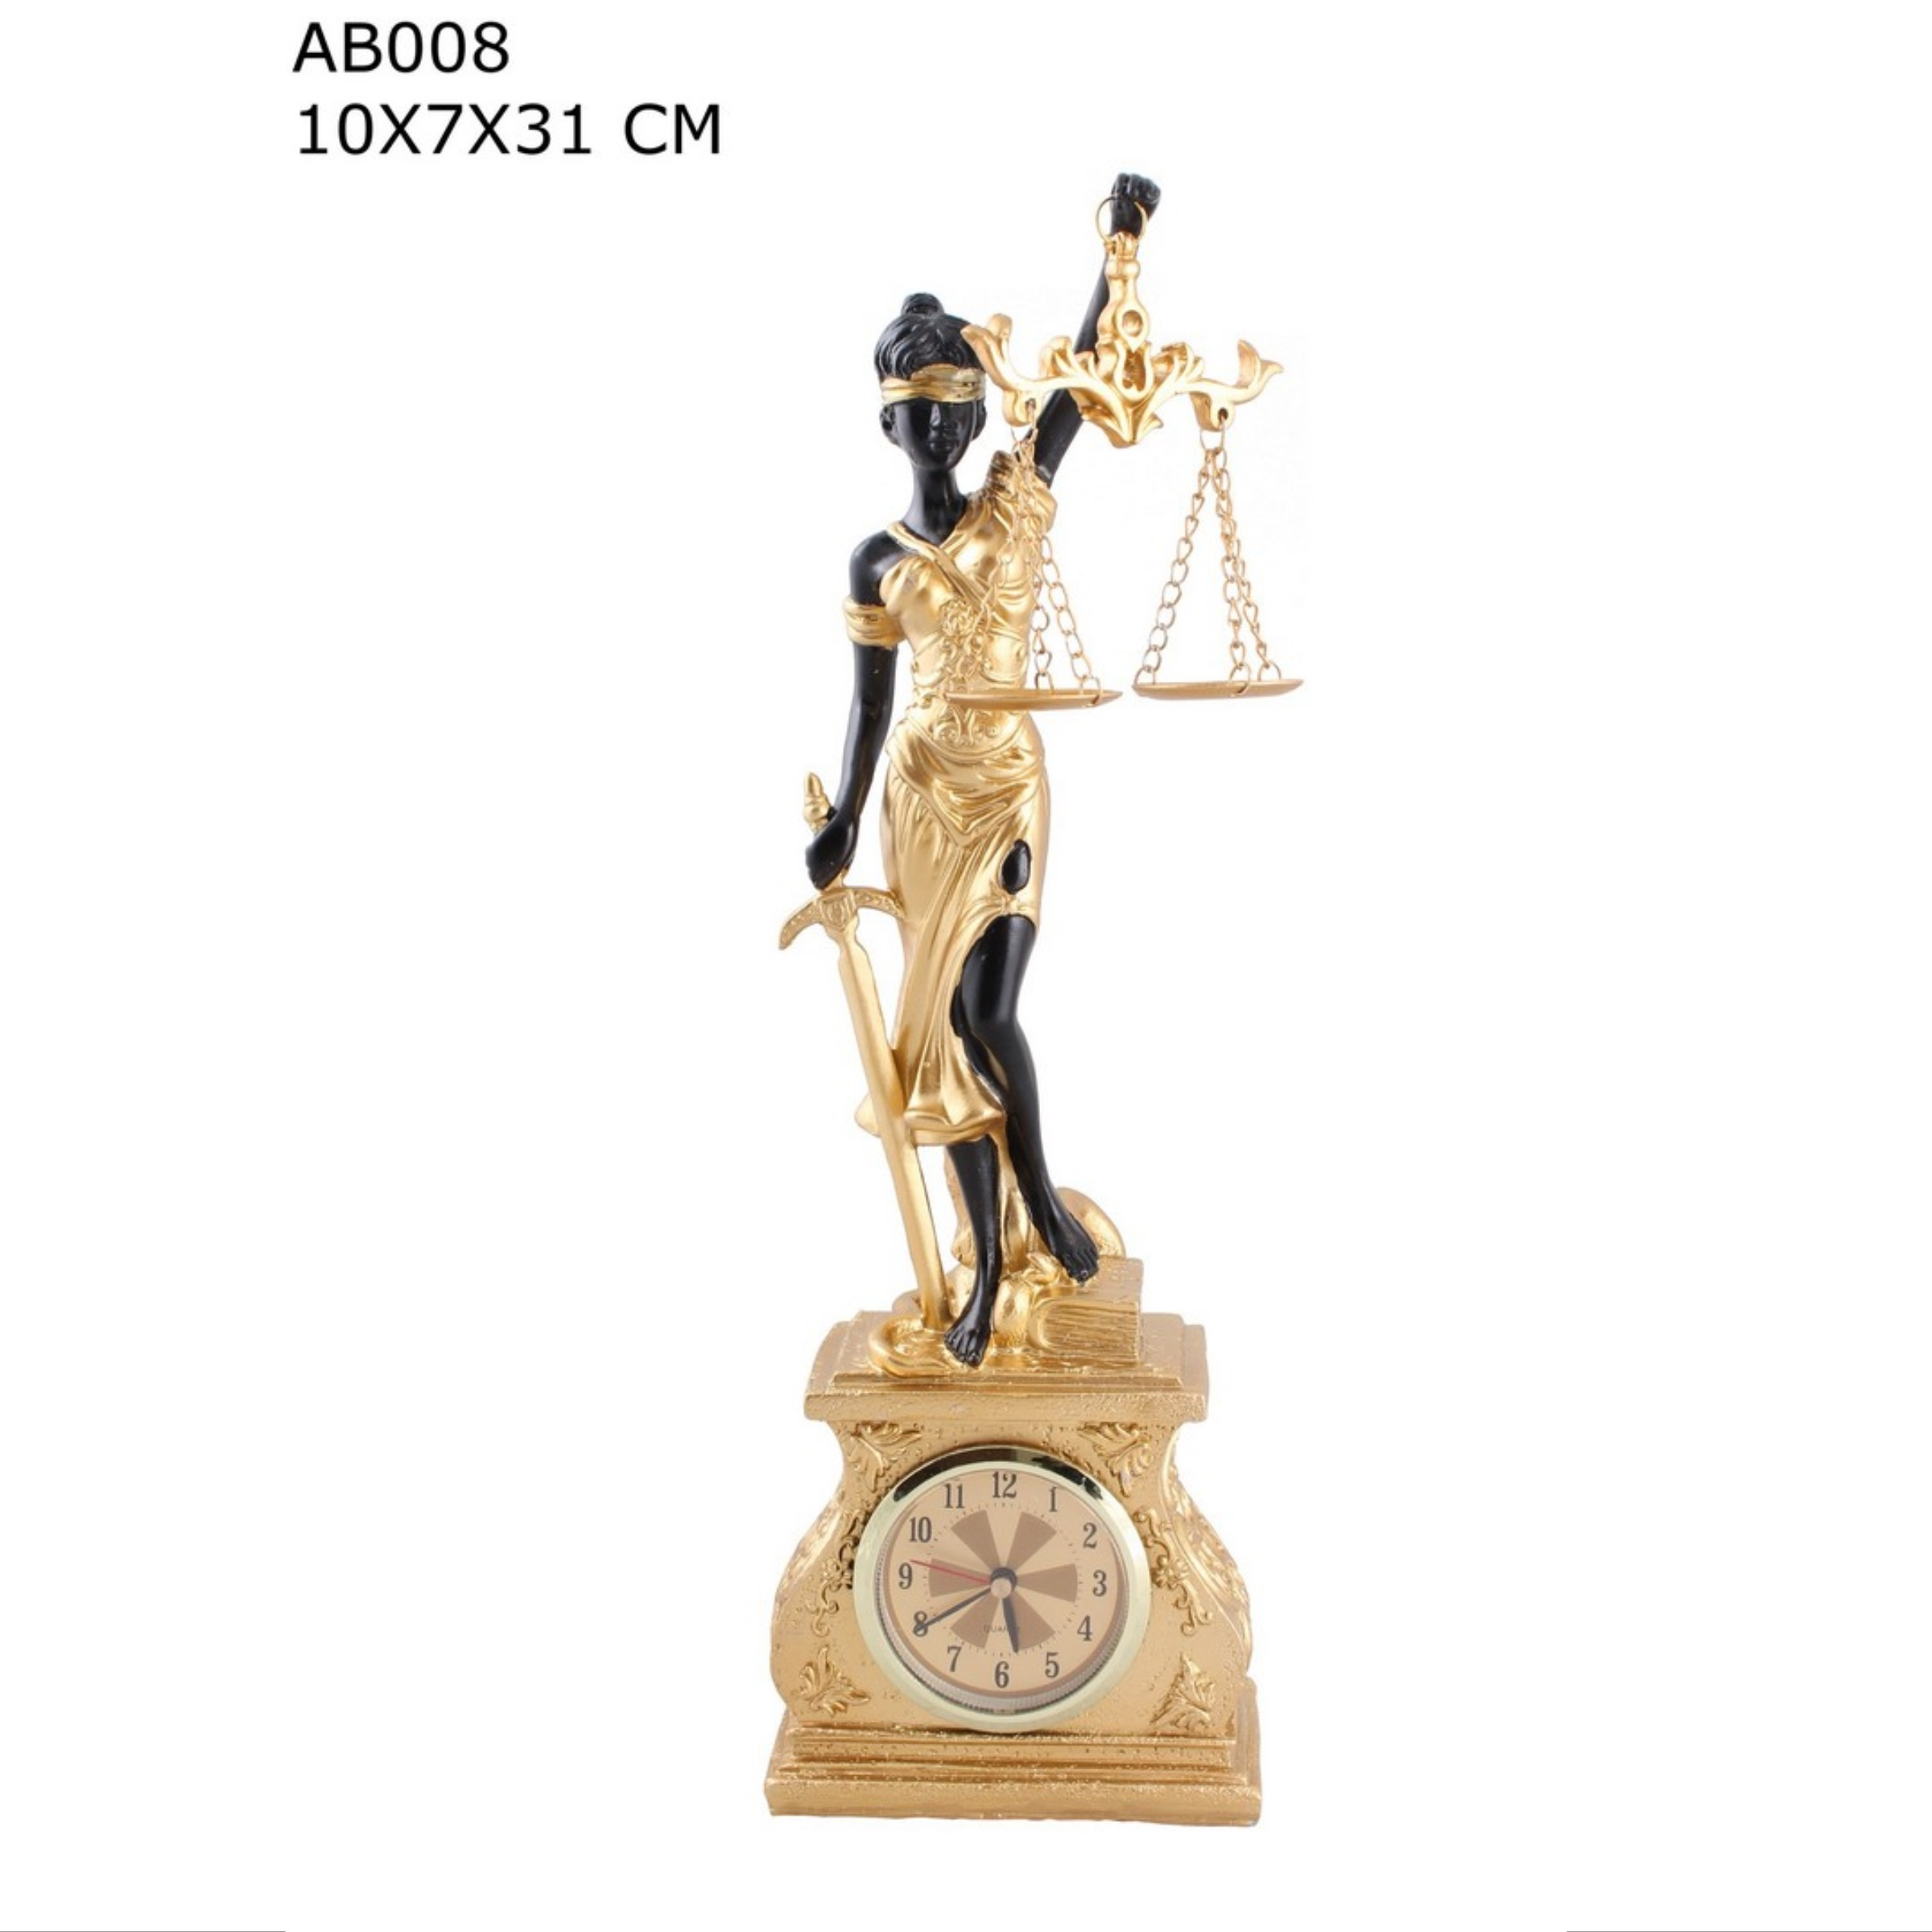 Saatli Adalet Biblo Orta Boy - AB008